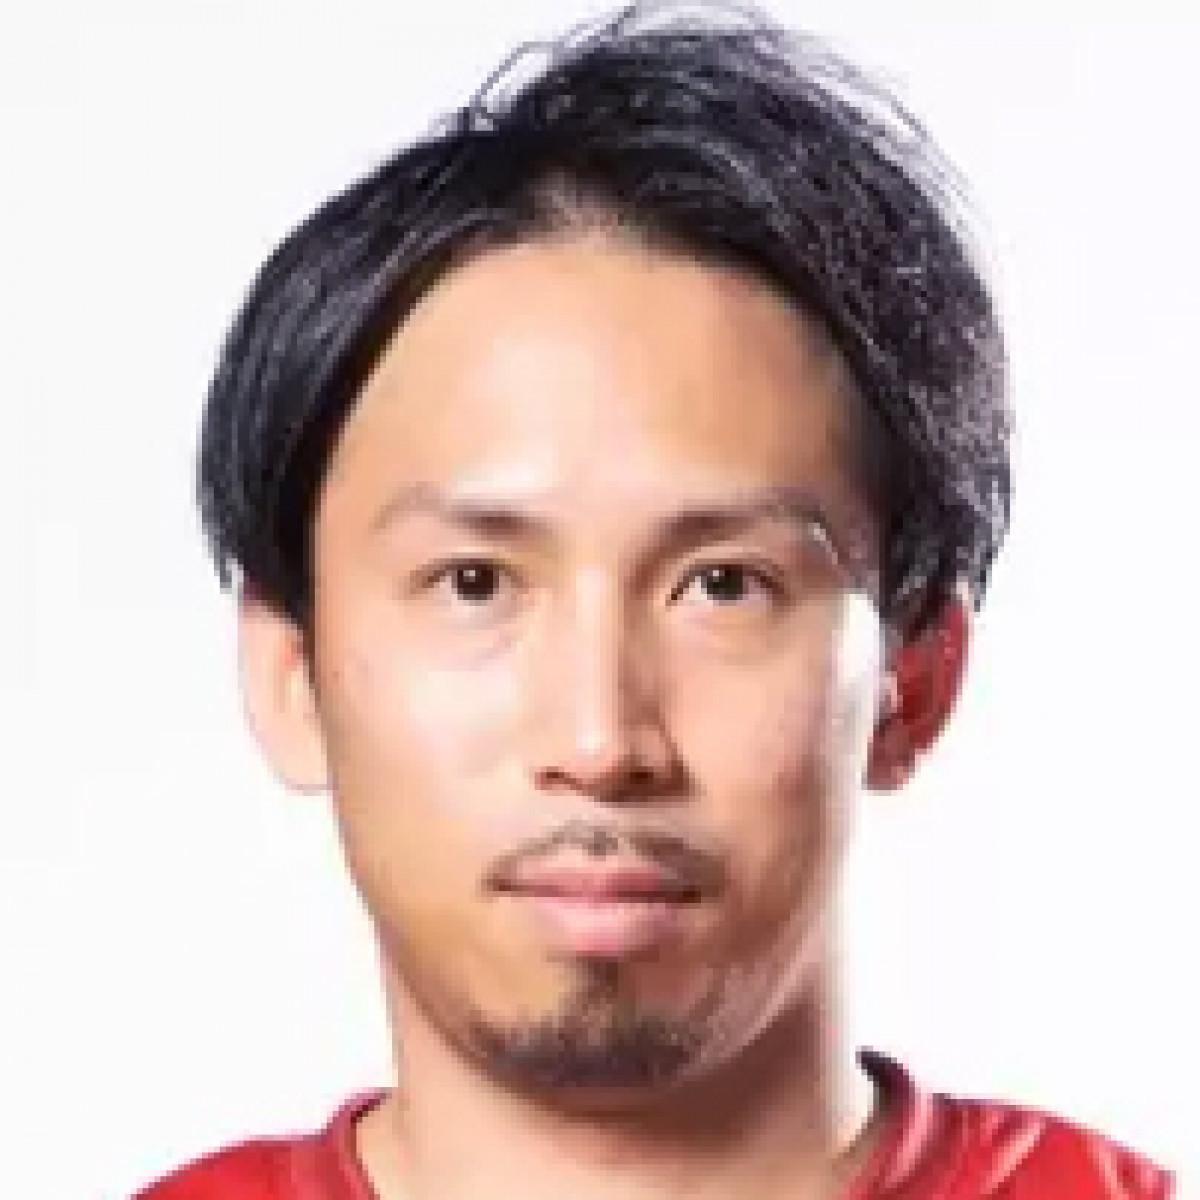 Yutaka Yokoe